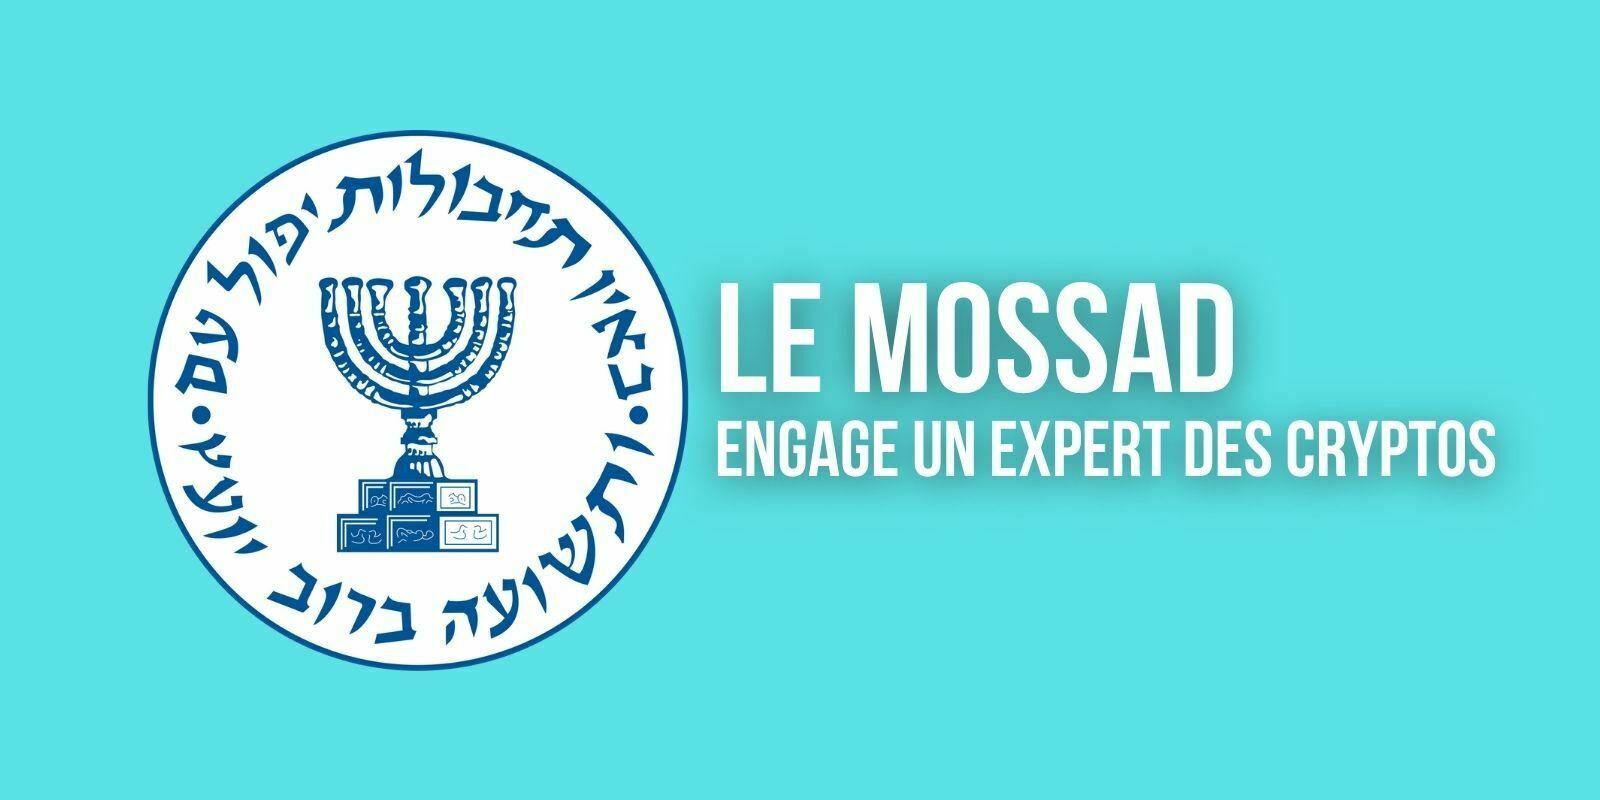 Le Mossad, l'agence de renseignement israélienne, veut engager un expert en cryptomonnaies